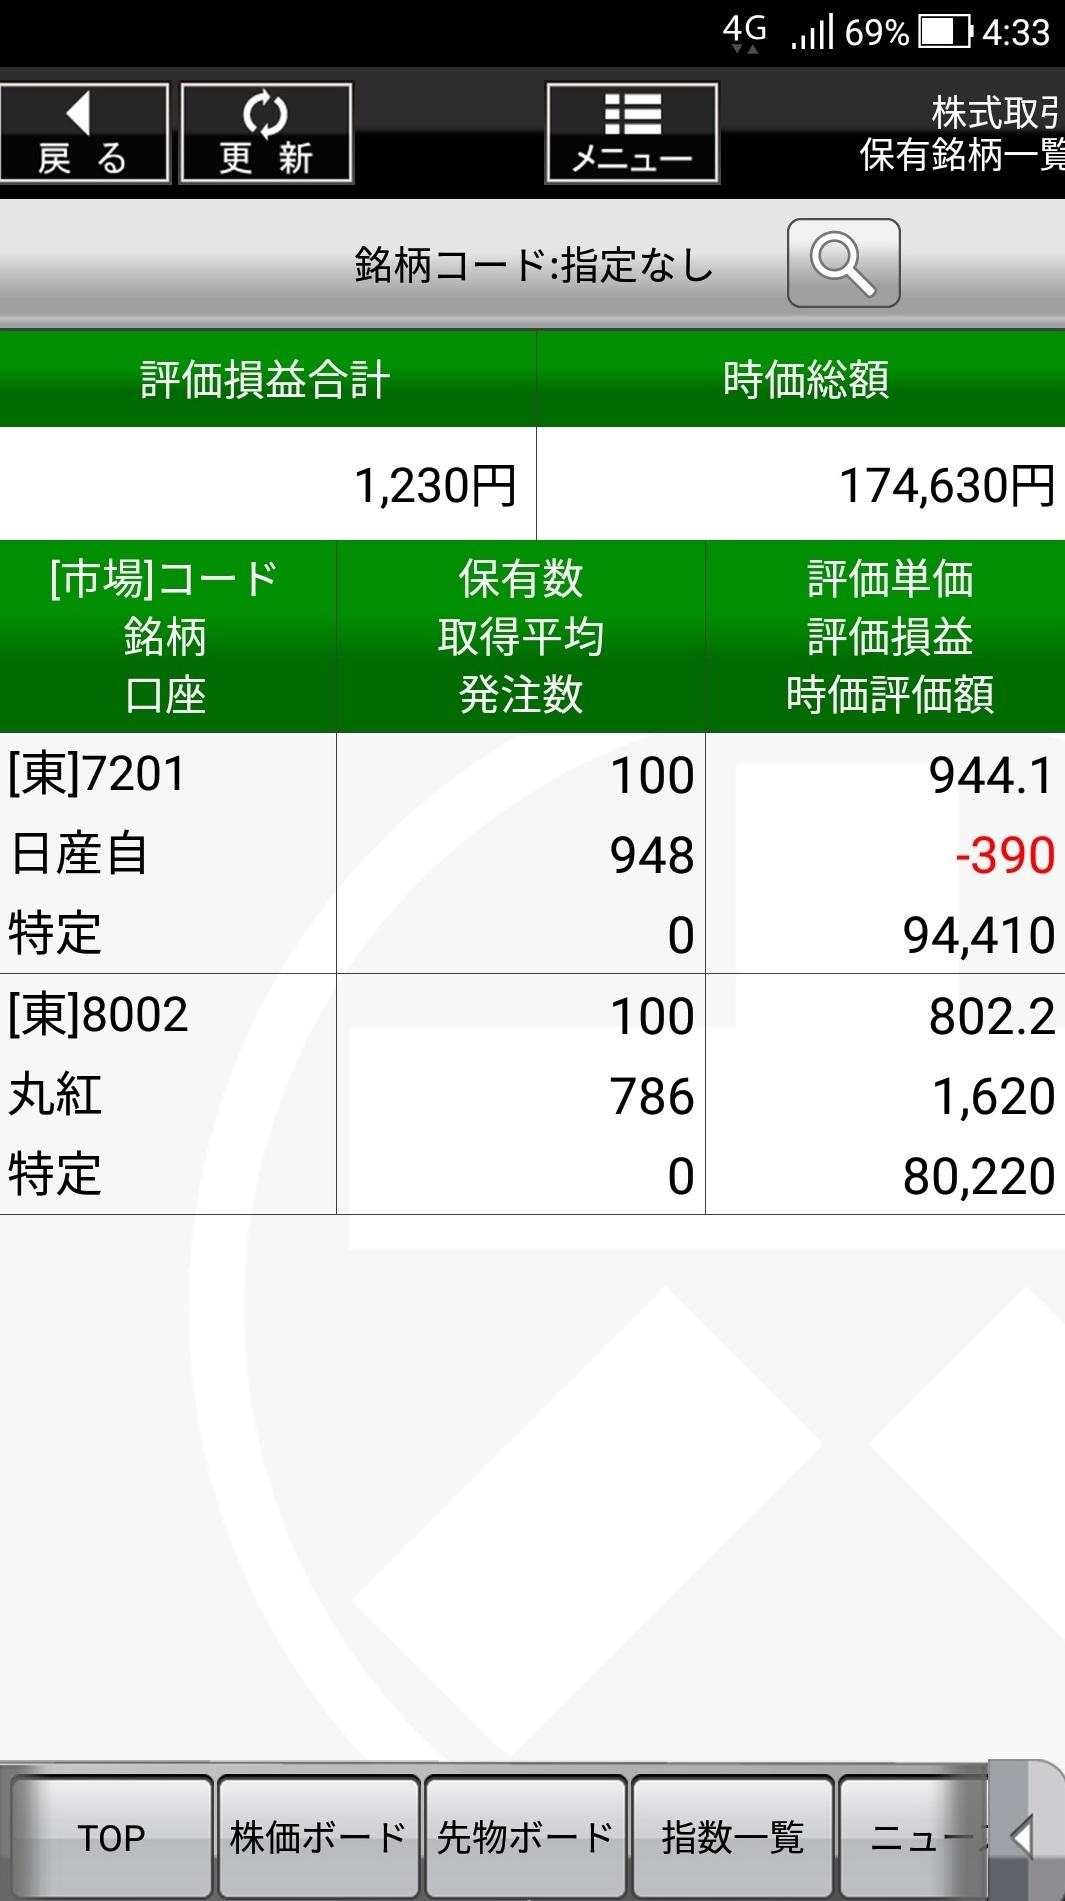 kabu_matsui_hoyu_0406.jpg